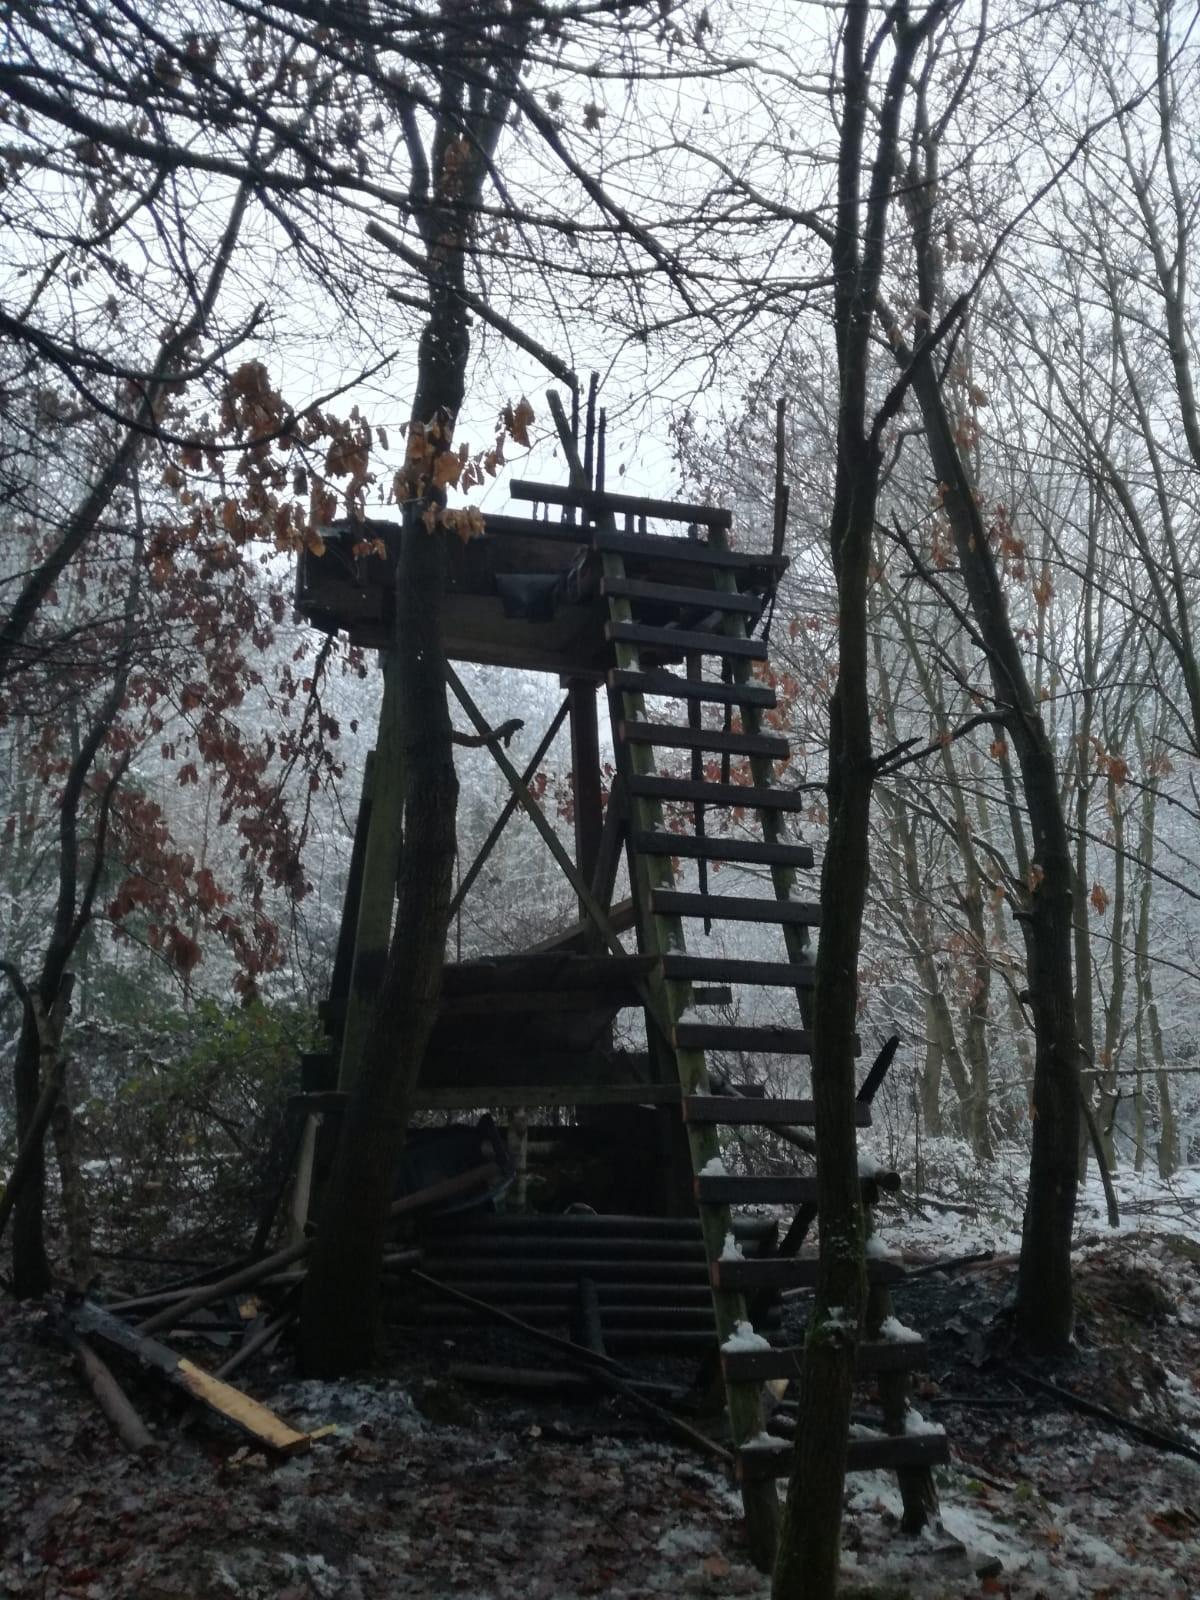 Hochsitz in Mühltal-Trautheim abgebrannt – weiterer Ansitz in Niederrad zerstört